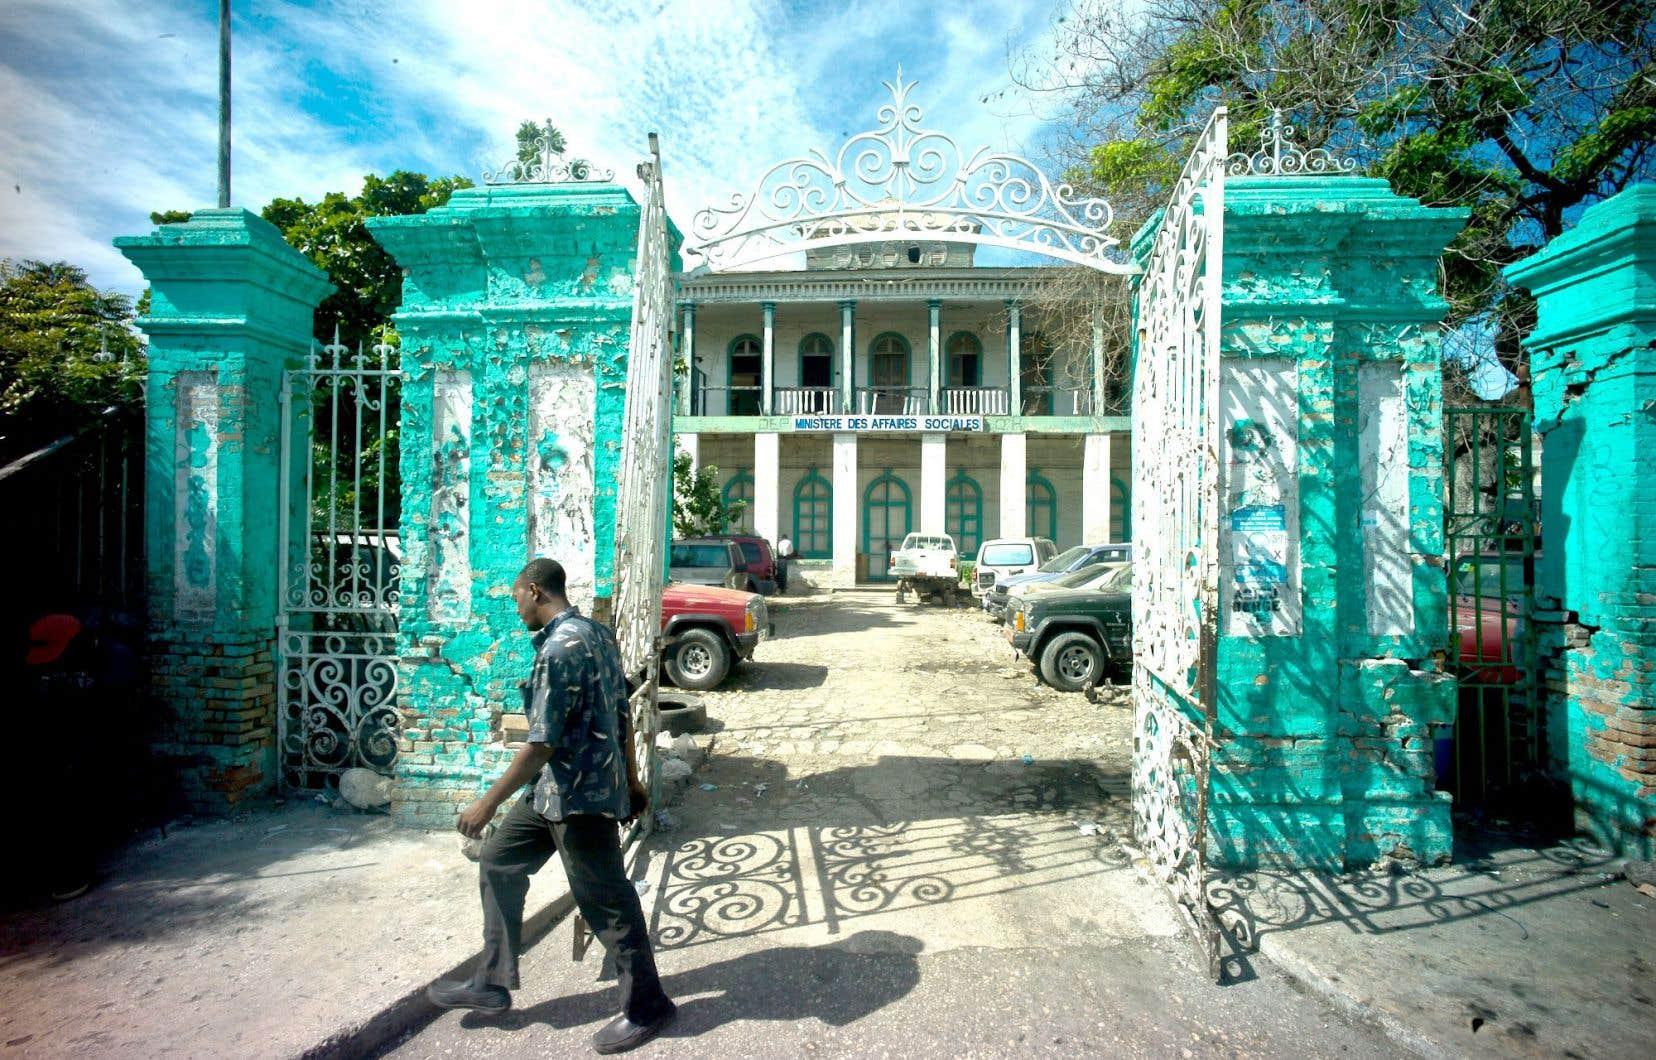 La Perle des Antilles manque aujourd'hui de structures et d'institutions qui permettraient à la société de s'organiser et d'agir.